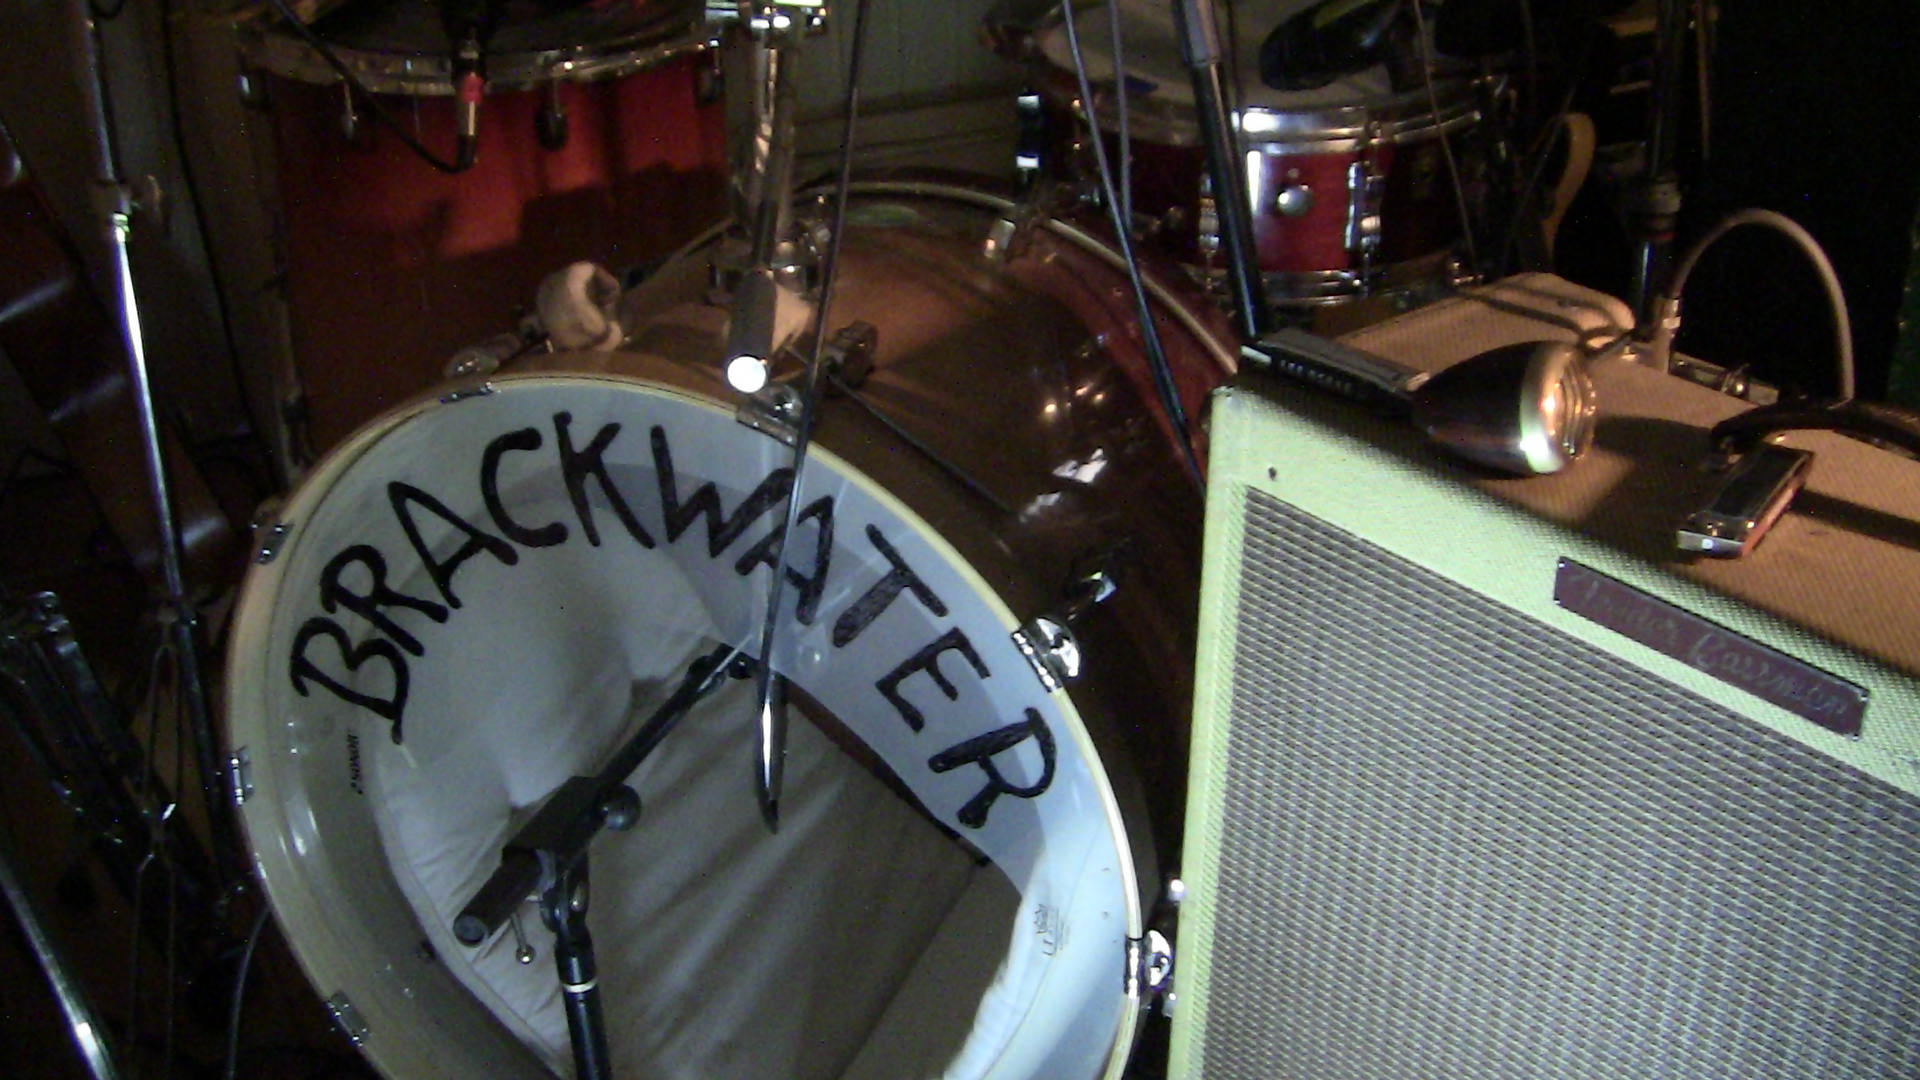 Brackwater